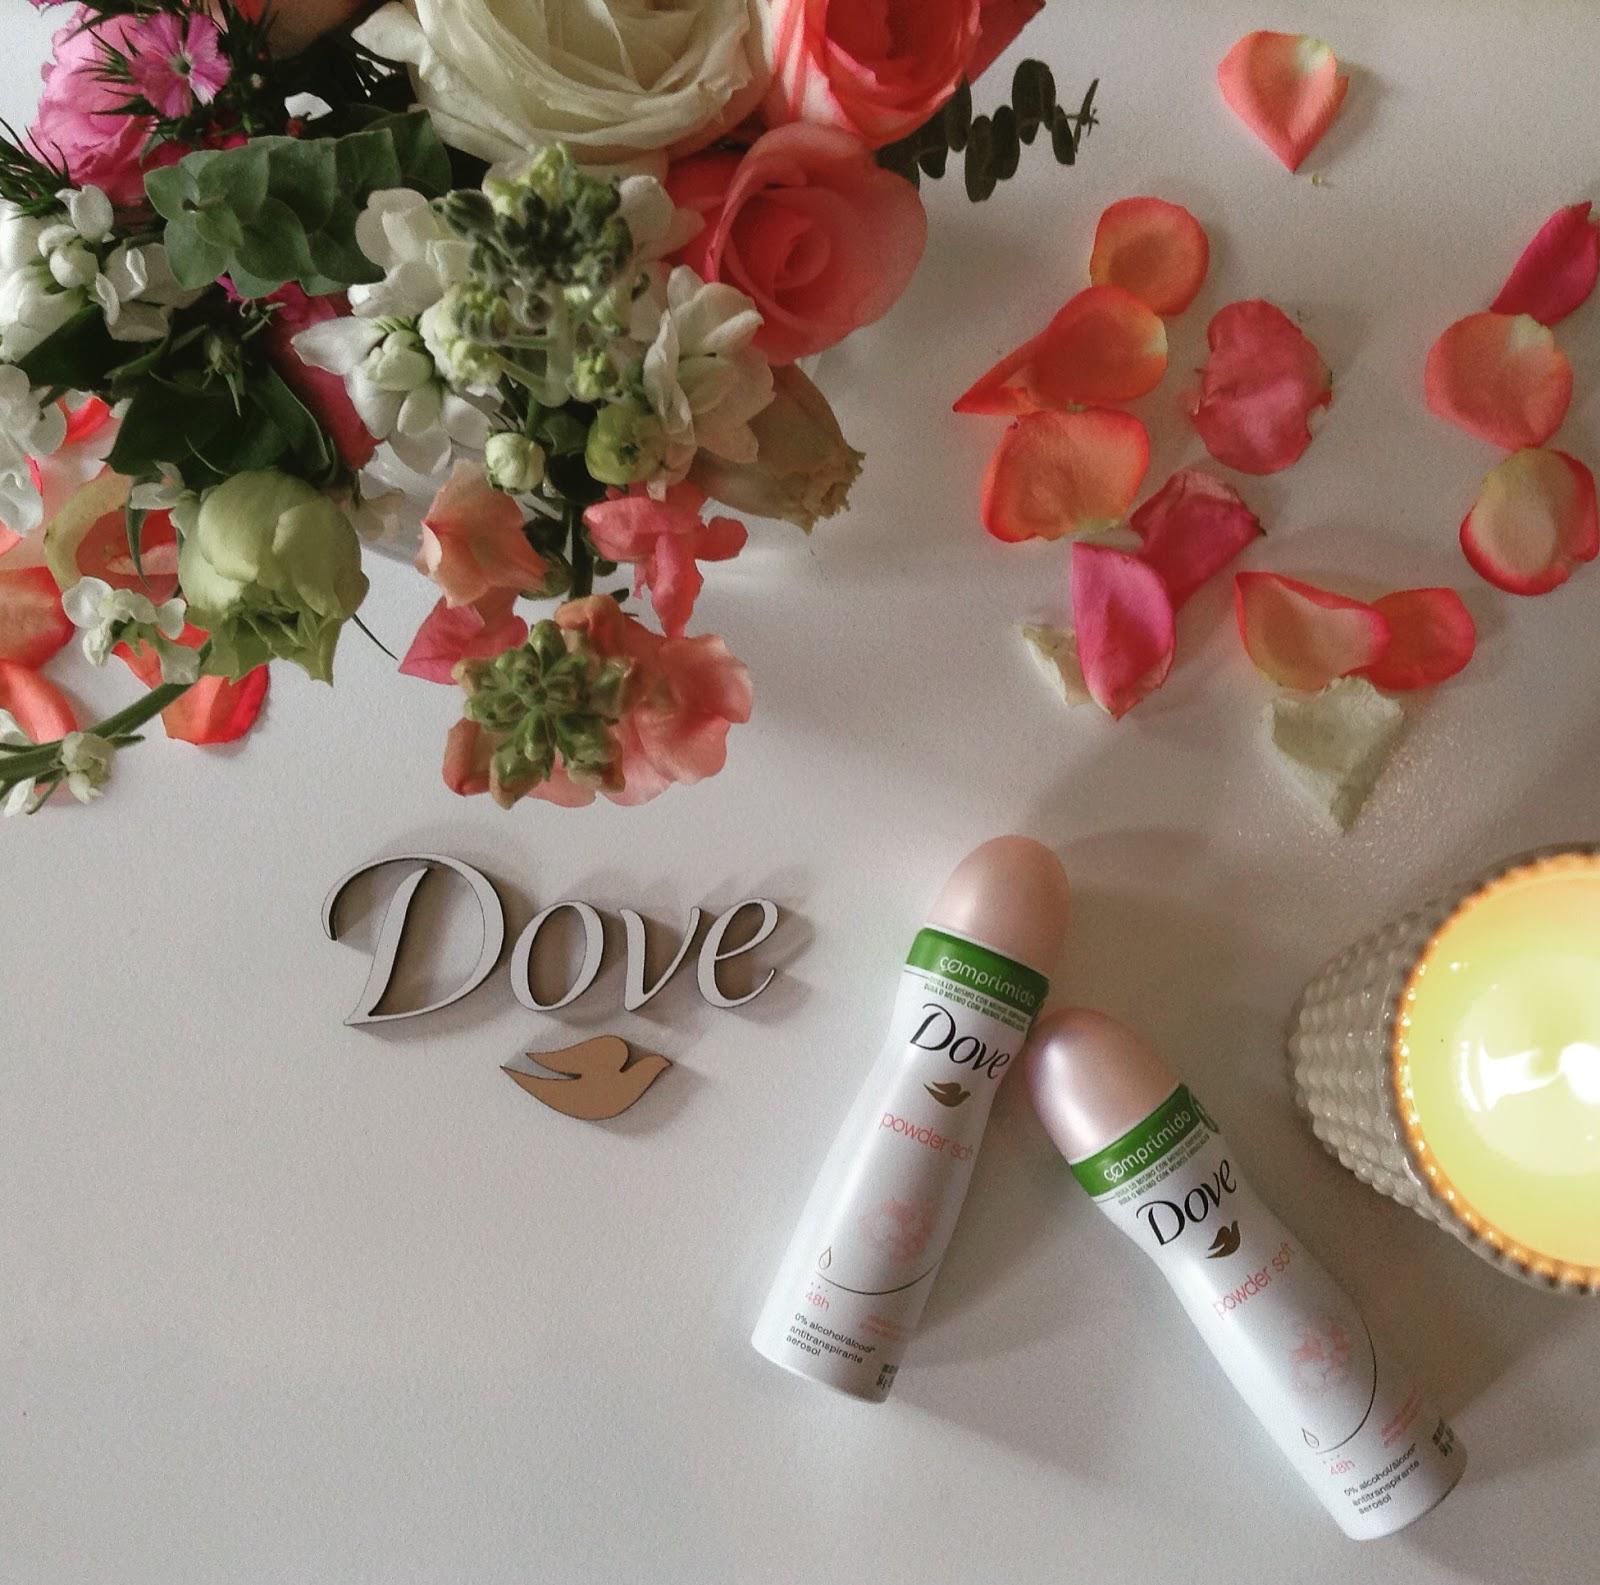 Dove, presento el nuevo antitranspirante Powder Soft, con su nueva campaña Mi tiempo Soft.: Stardoll Estudio: Blog de belleza y moda Argentina